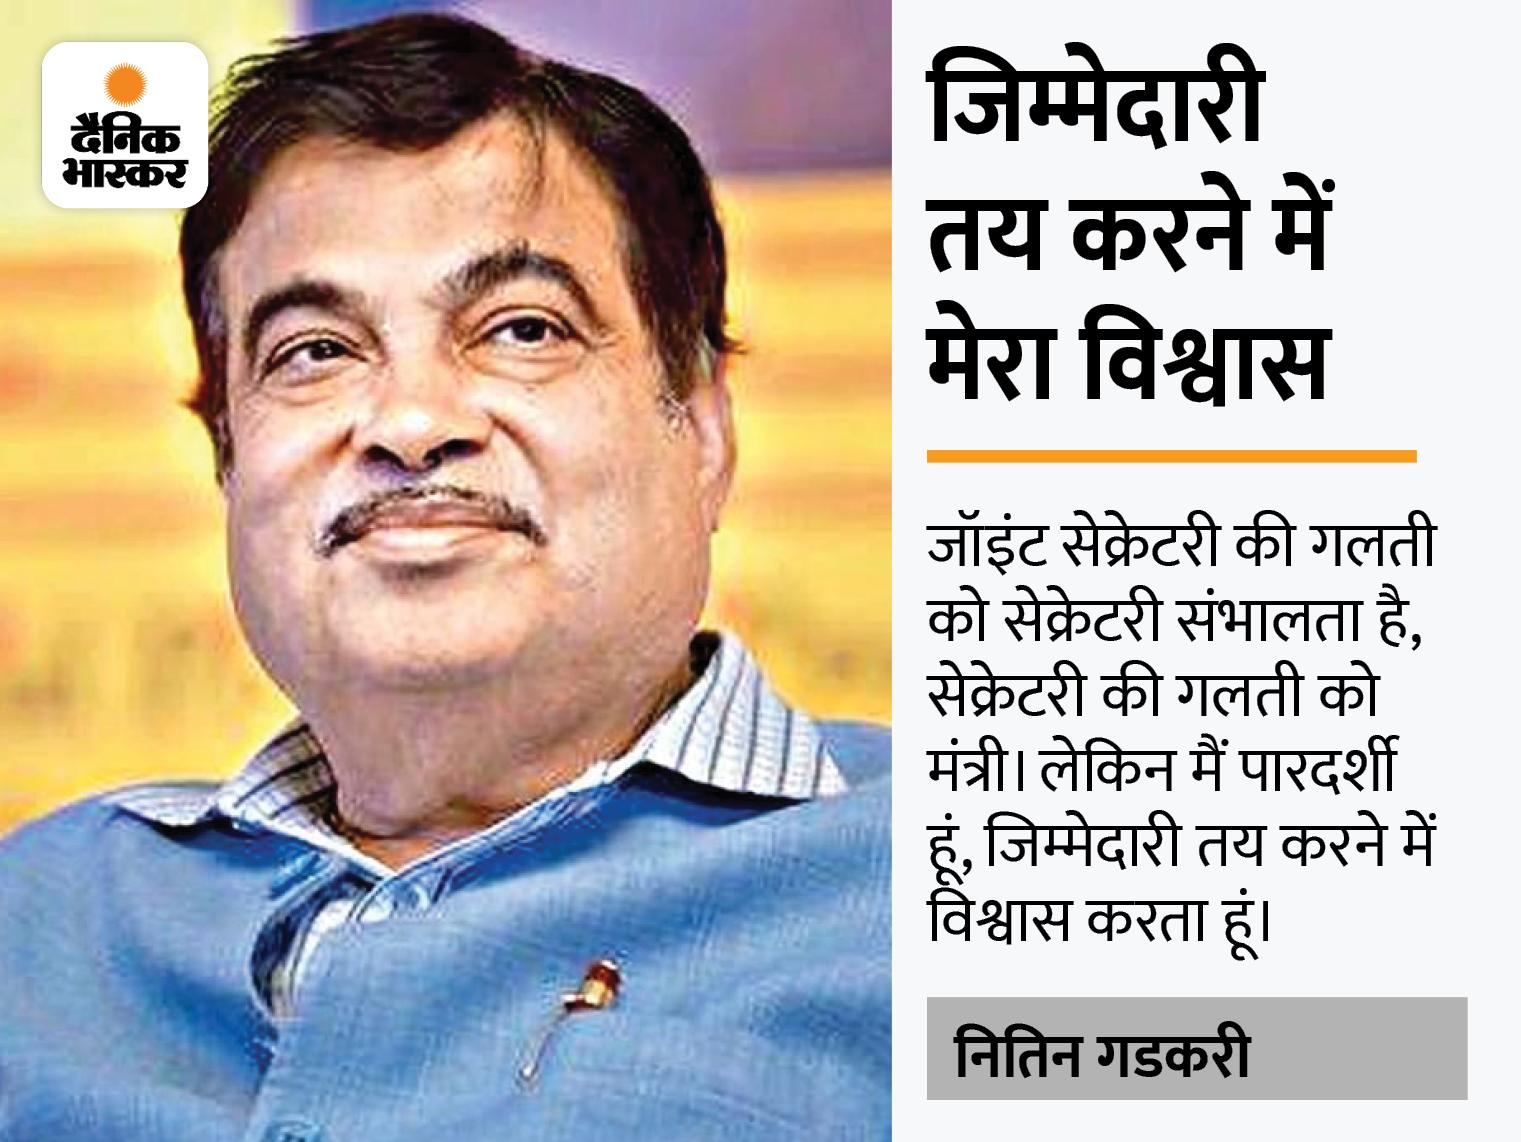 सरकारें अहंकारी होती हैं; खुद को सबसे बड़ा जानकार समझती हैं, इसलिए लोगों से सलाह नहीं लेती देश,National - Dainik Bhaskar